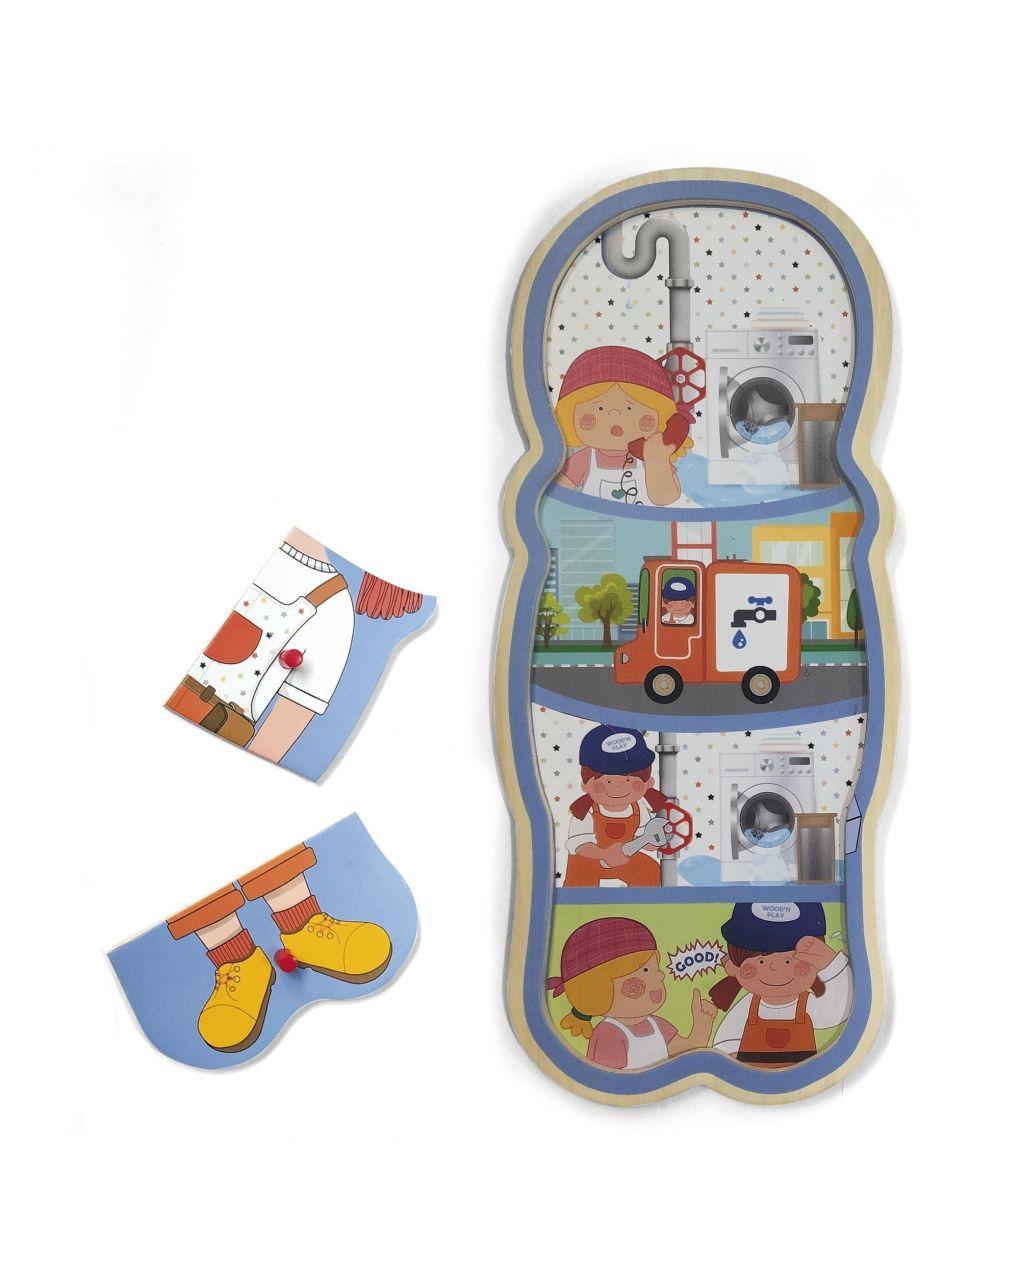 Wood'n'play - story puzzle - Wood'N'Play